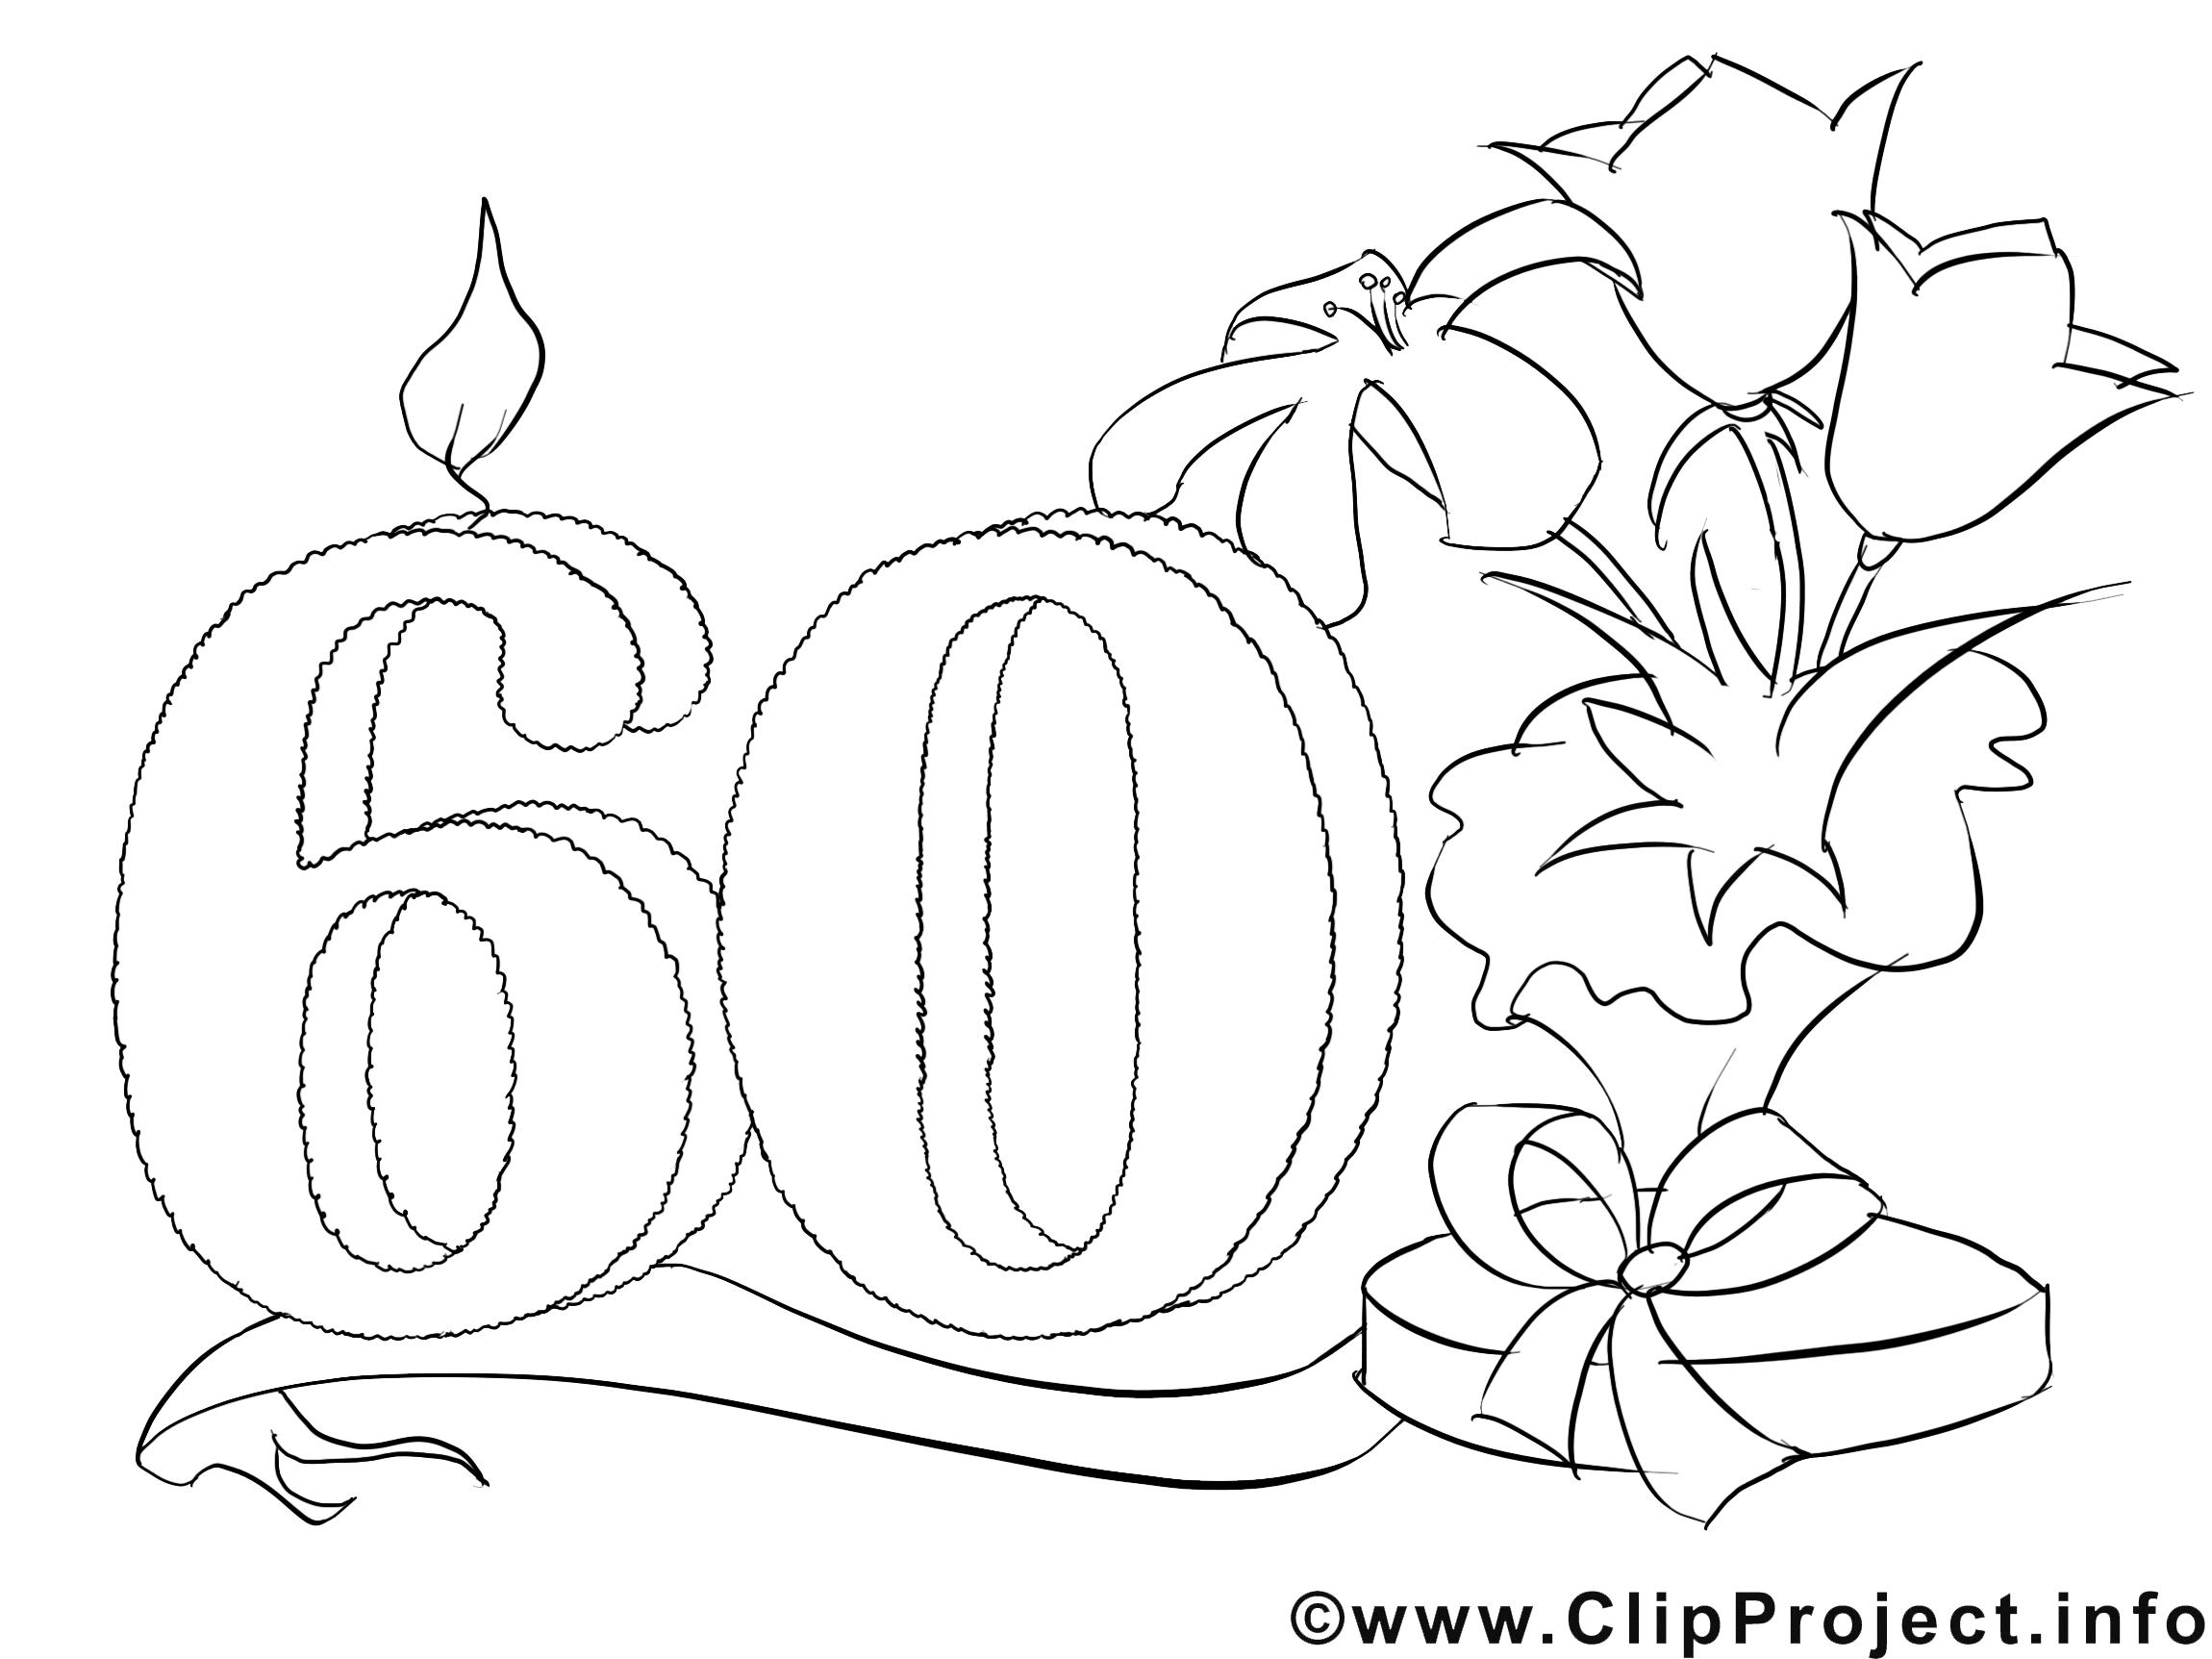 Coloriage Anniversaire Mamie 60 Ans.Luxe Dessin Imprimer Pour Anniversaire 60 Ans Mademoiselleosaki Com